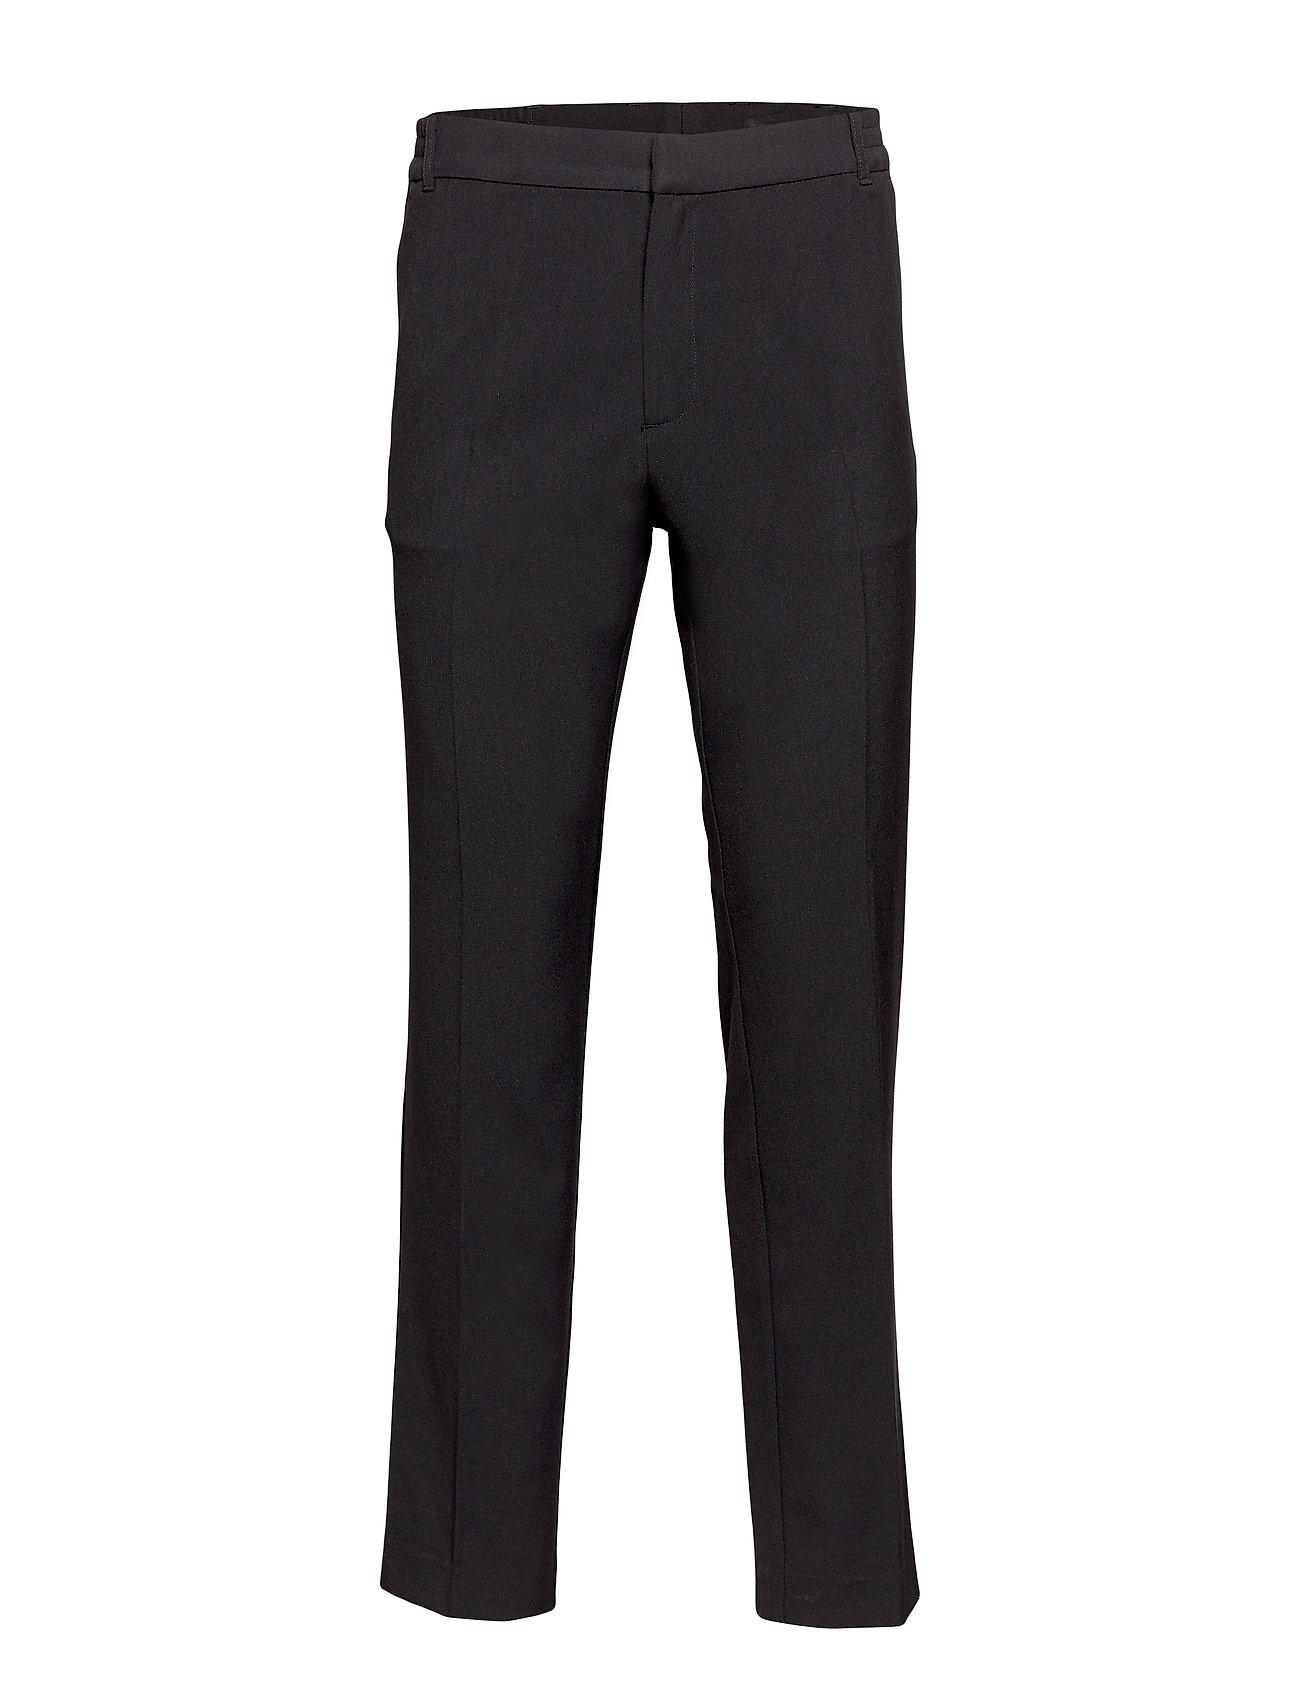 Soulland WILSON CLASSIC SUIT PANT - BLACK